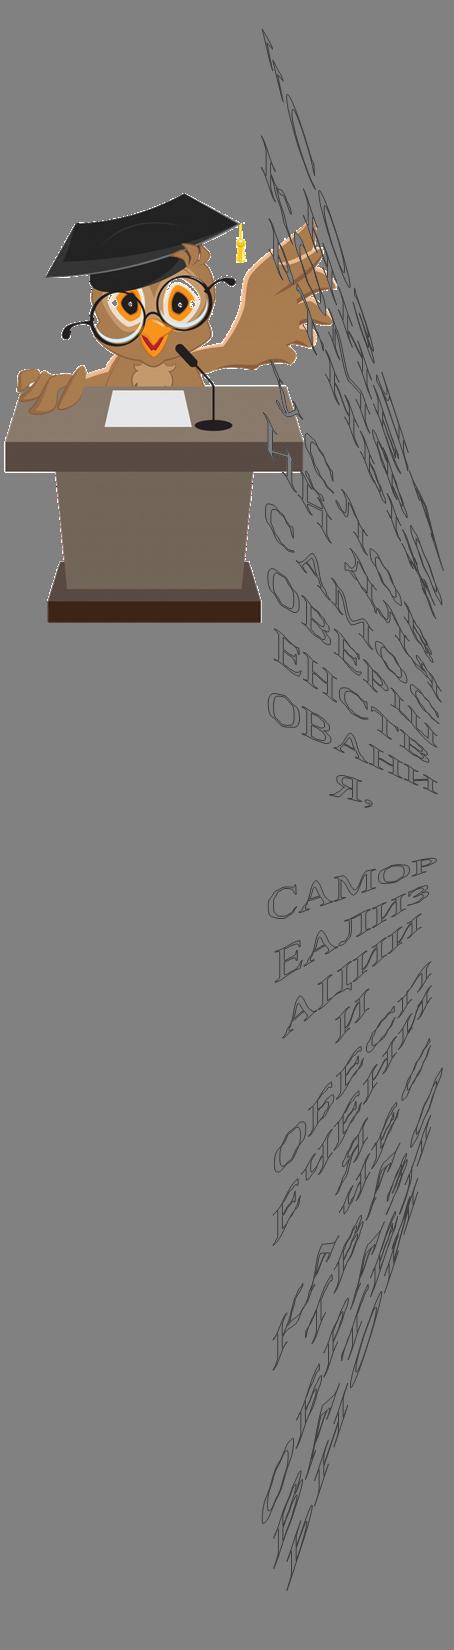 https://image.freepik.com/free-vector/owl-speaker-said-podium_135176-527.jpg,«СОЗДАНИЕ КОМФОРТНЫХ  УСЛОВИЙ ДЛЯ  САМОСОВЕРШЕНСТВОВАНИЯ,  САМОРЕАЛИЗАЦИИ И  ОБЕСПЕЧЕНИЯ КАЧЕСТВА ОБРАЗОВАТЕЛЬНОЙ